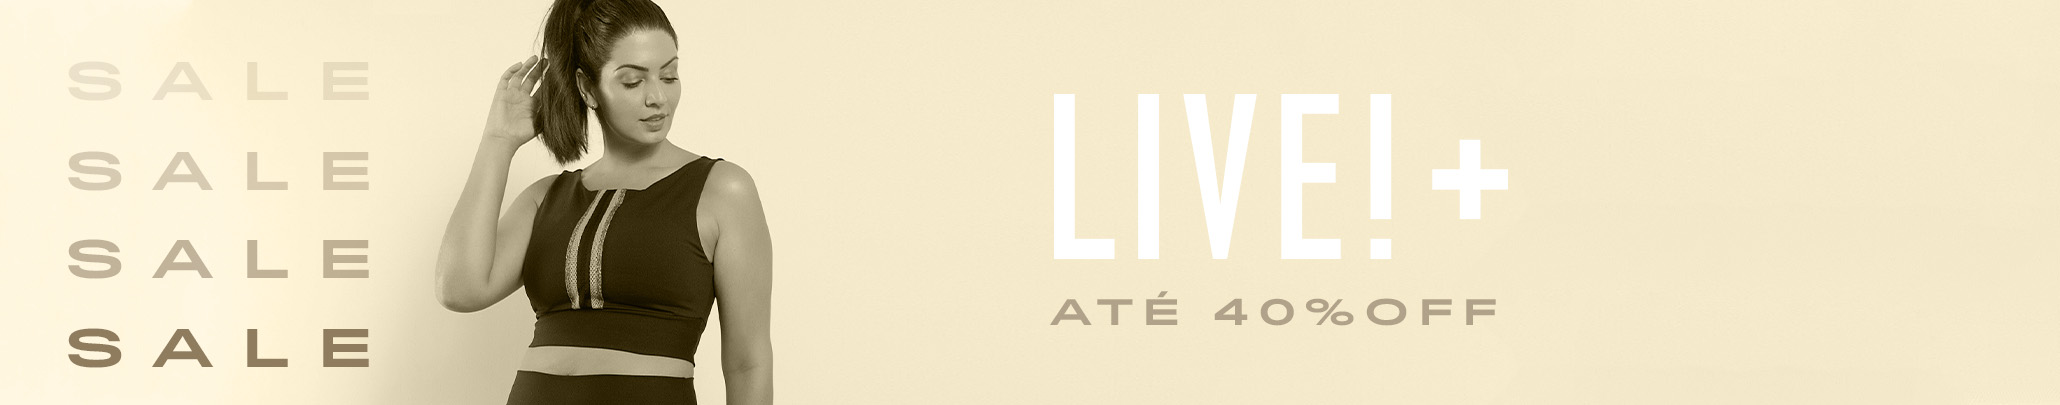 2498_banner_2060x405px_D_departamento-live+